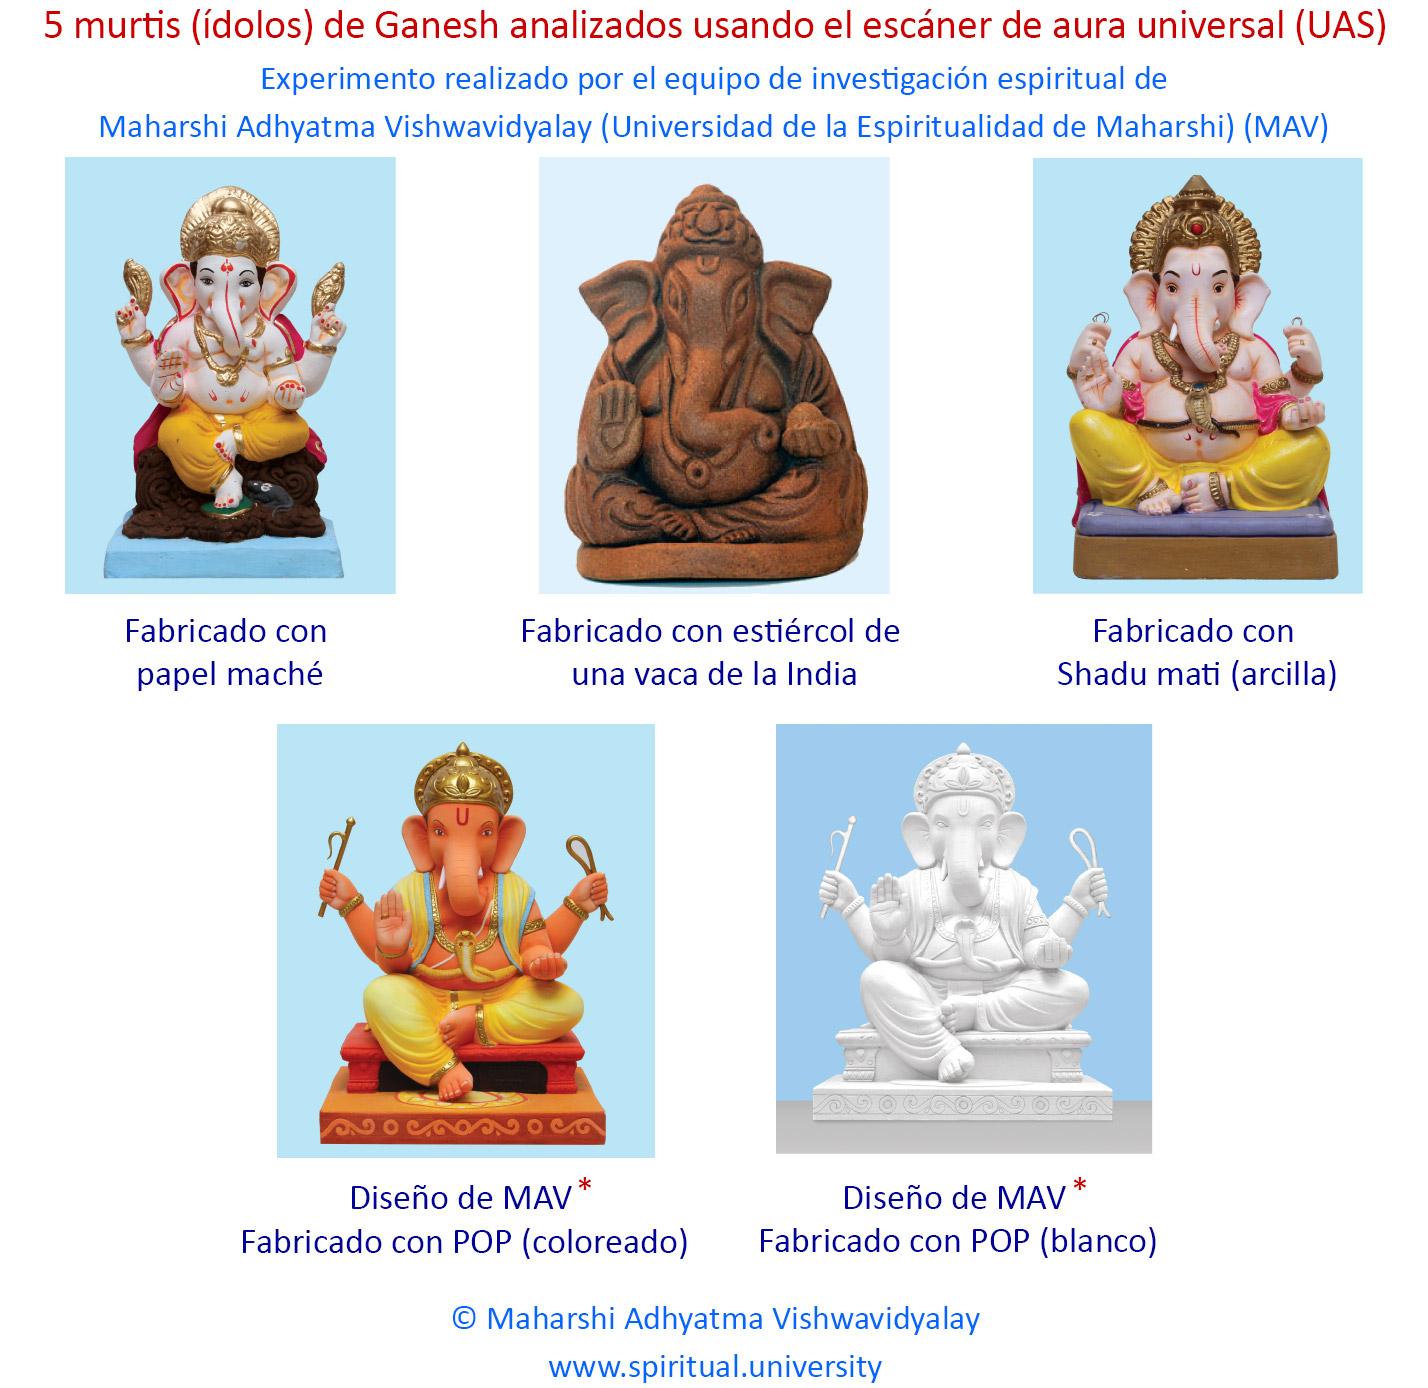 ¿Son todos los murtis (ídolos) ecológicos de Shri Ganesh espiritualmente beneficiosos?